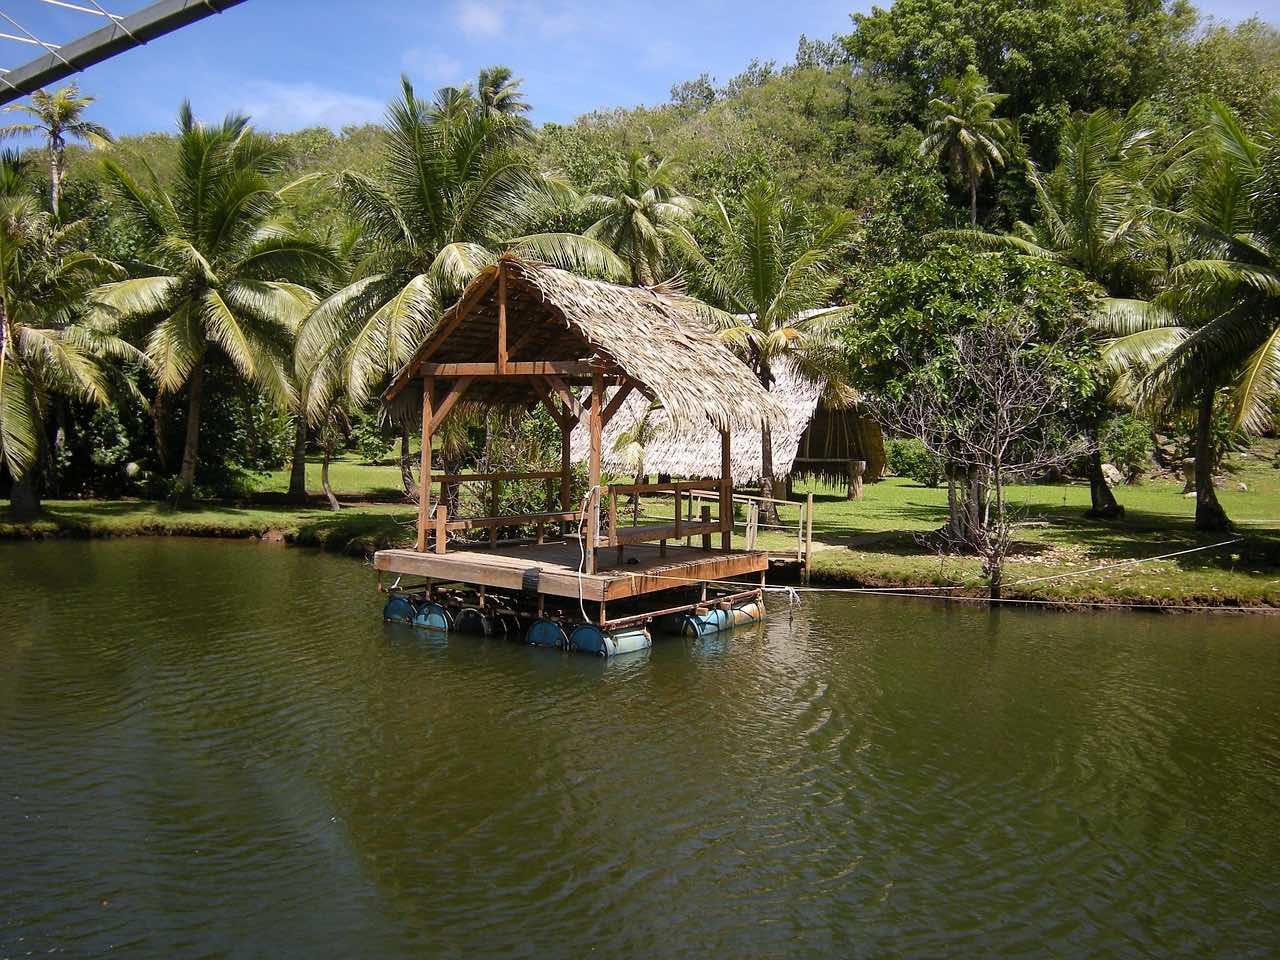 river_hut_in_Guam_PD